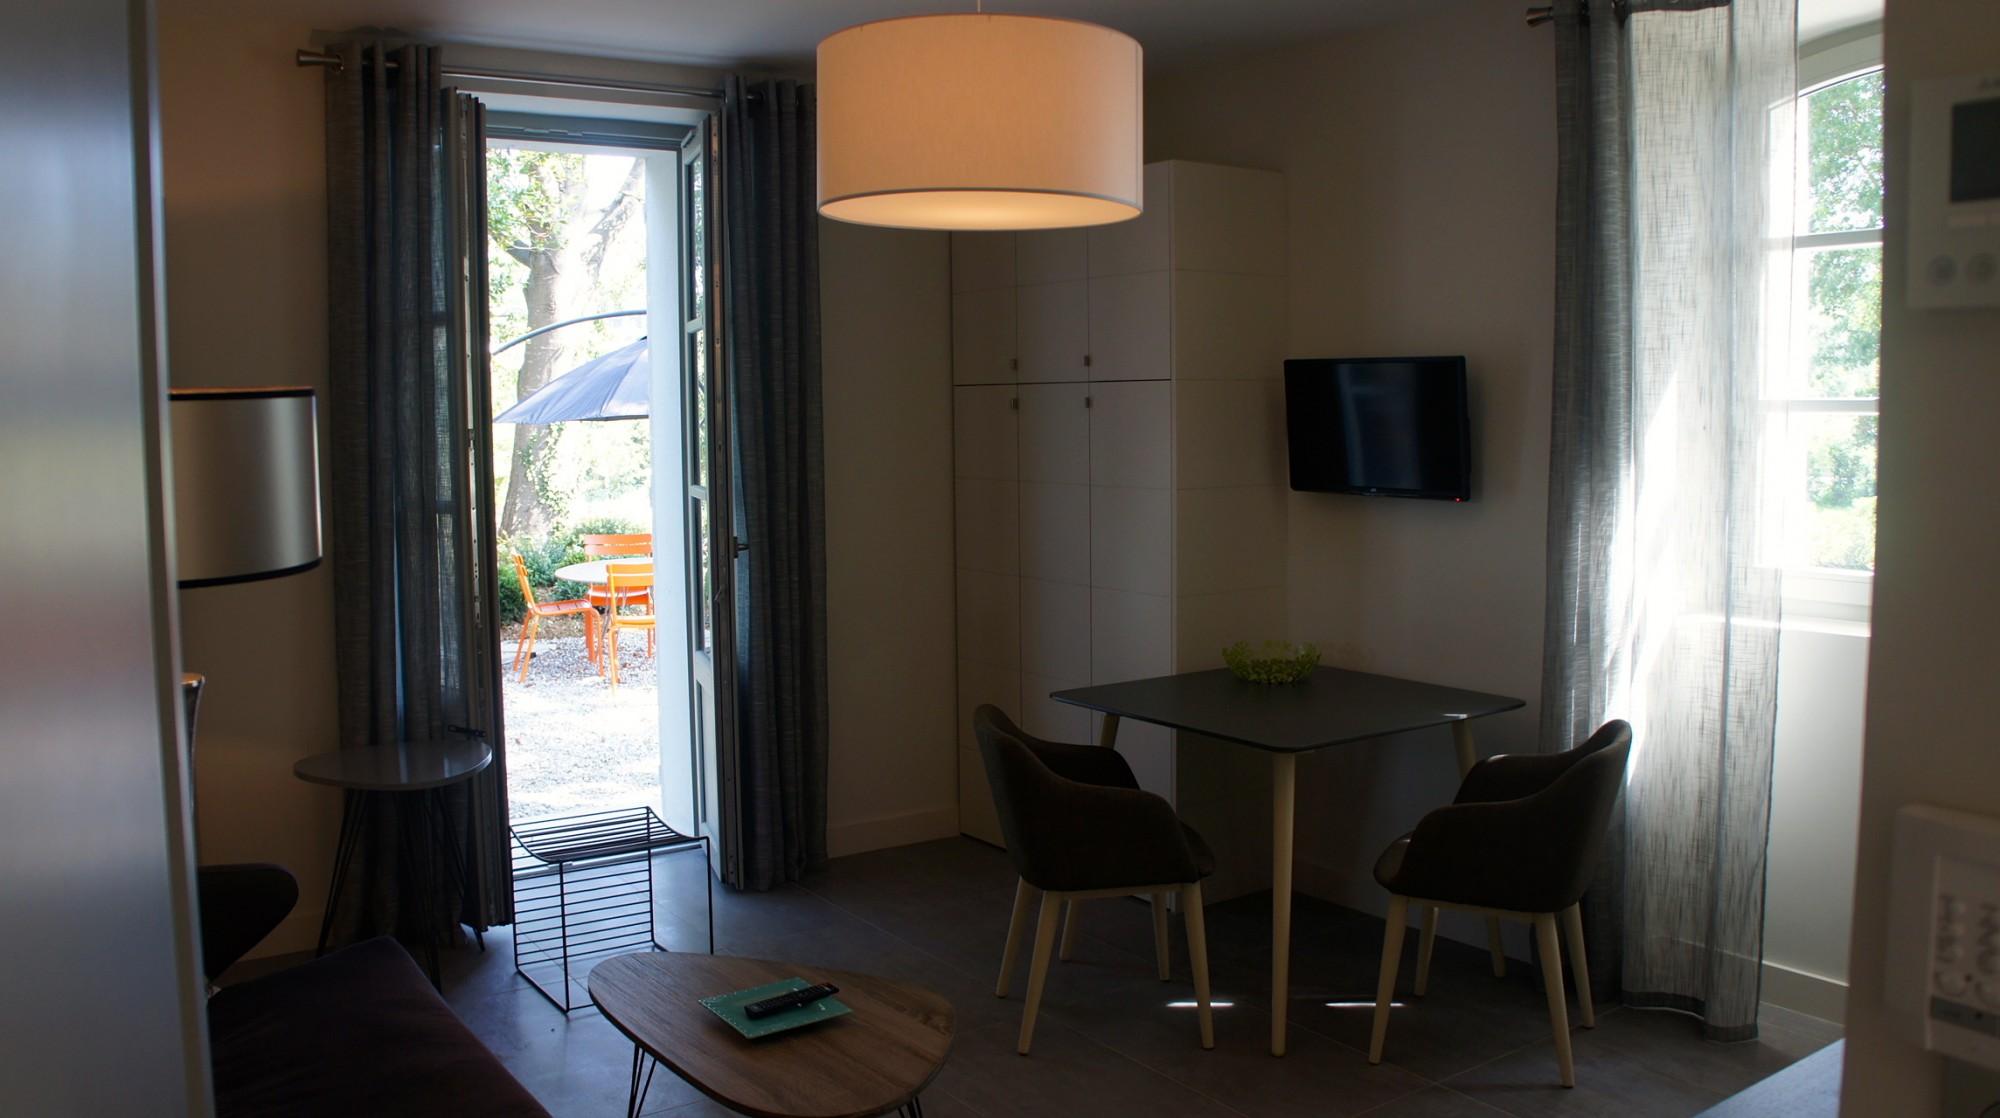 Location appartement Aix en Provence : ne dépensez pas trop